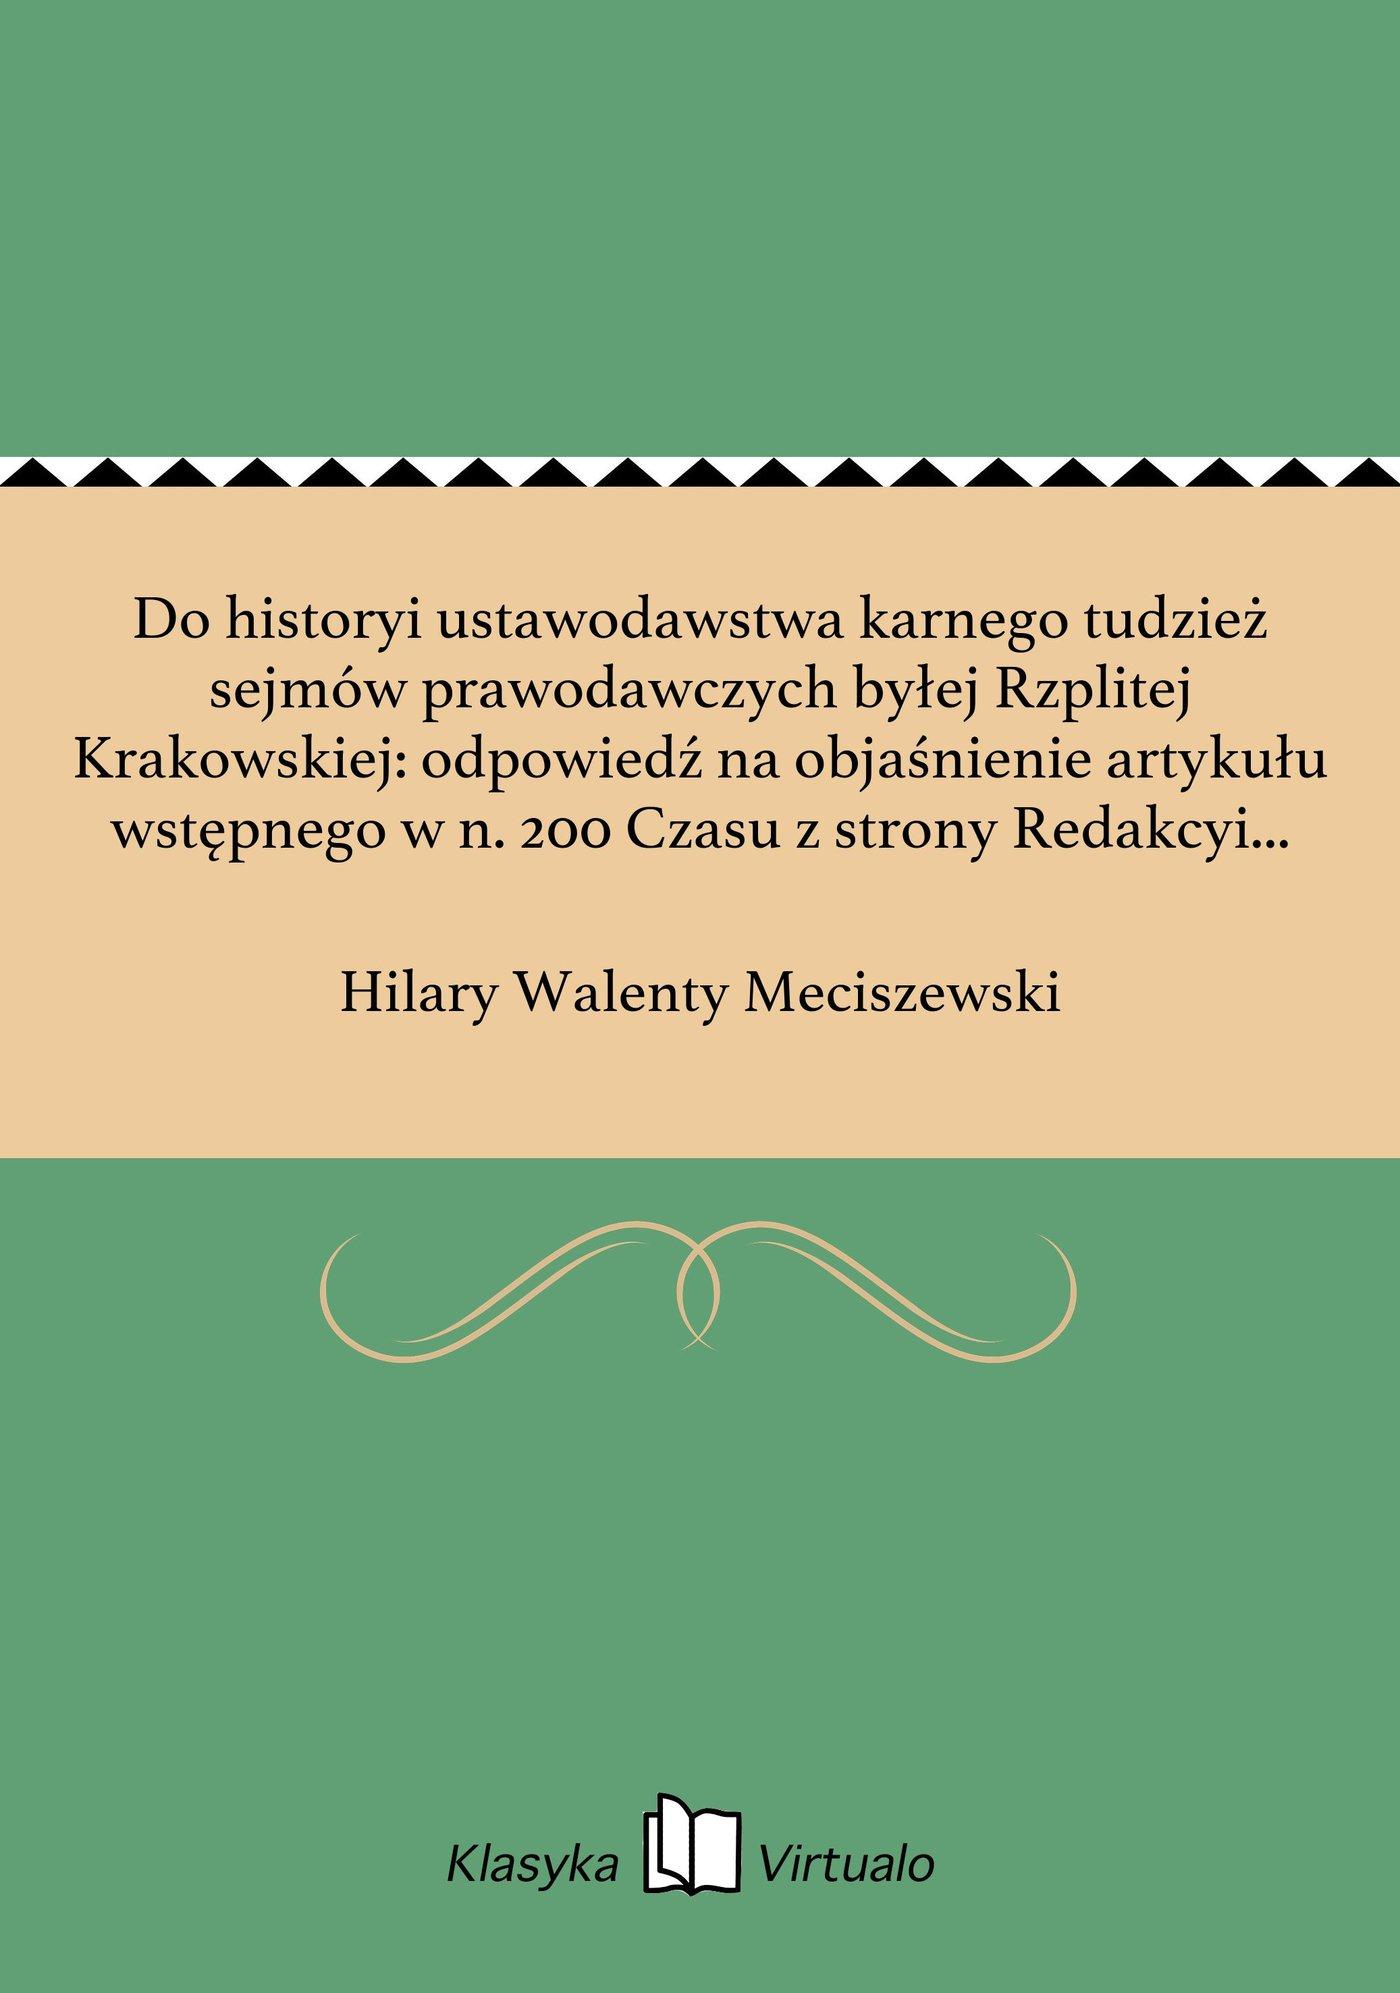 Do historyi ustawodawstwa karnego tudzież sejmów prawodawczych byłej Rzplitej Krakowskiej: odpowiedź na objaśnienie artykułu wstępnego w n. 200 Czasu z strony Redakcyi dane - Ebook (Książka na Kindle) do pobrania w formacie MOBI